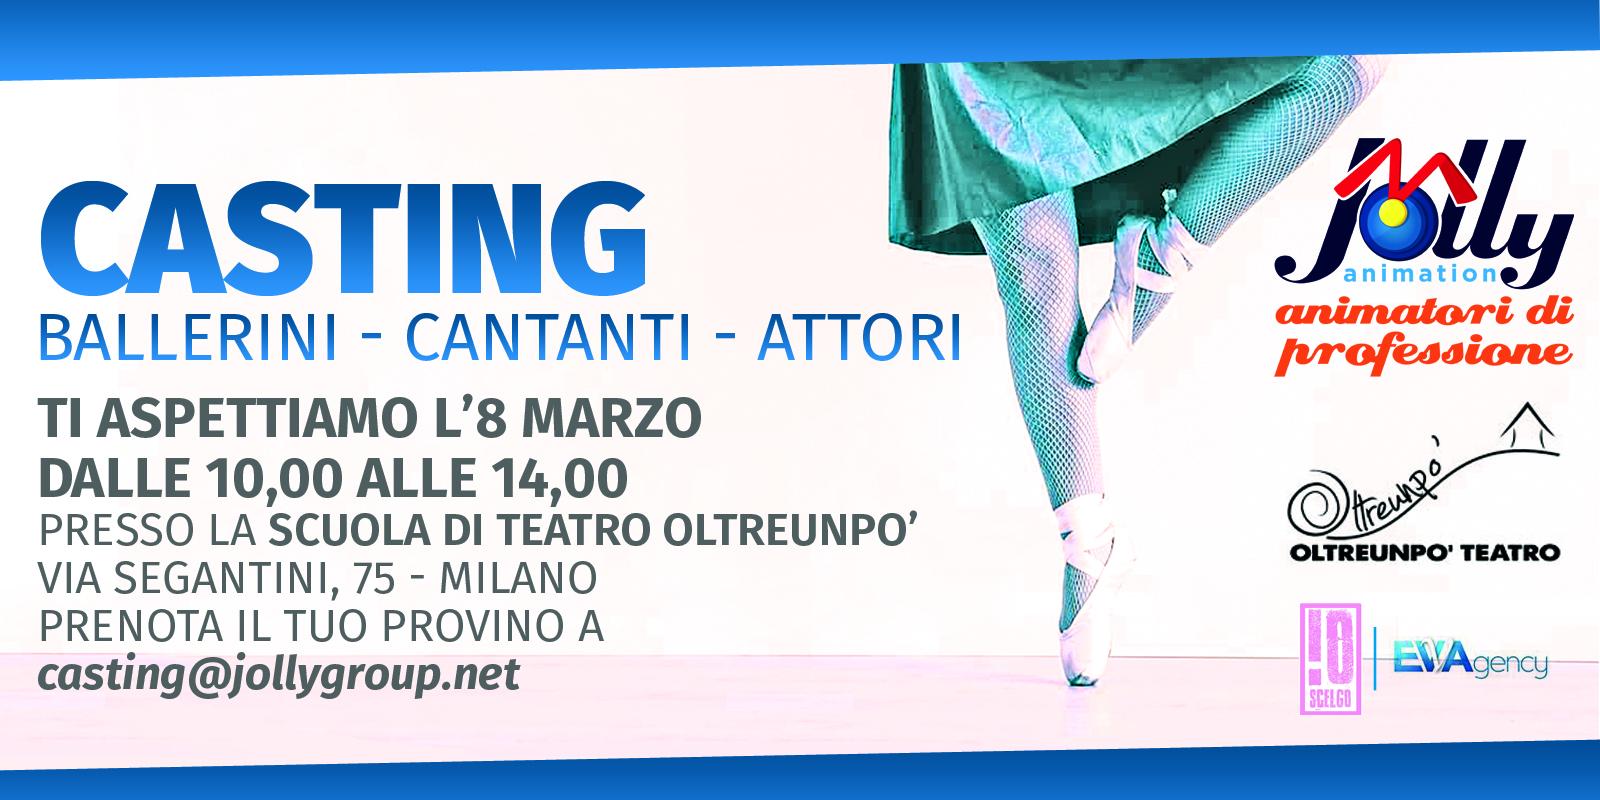 Casting ballerini  cantanti milano